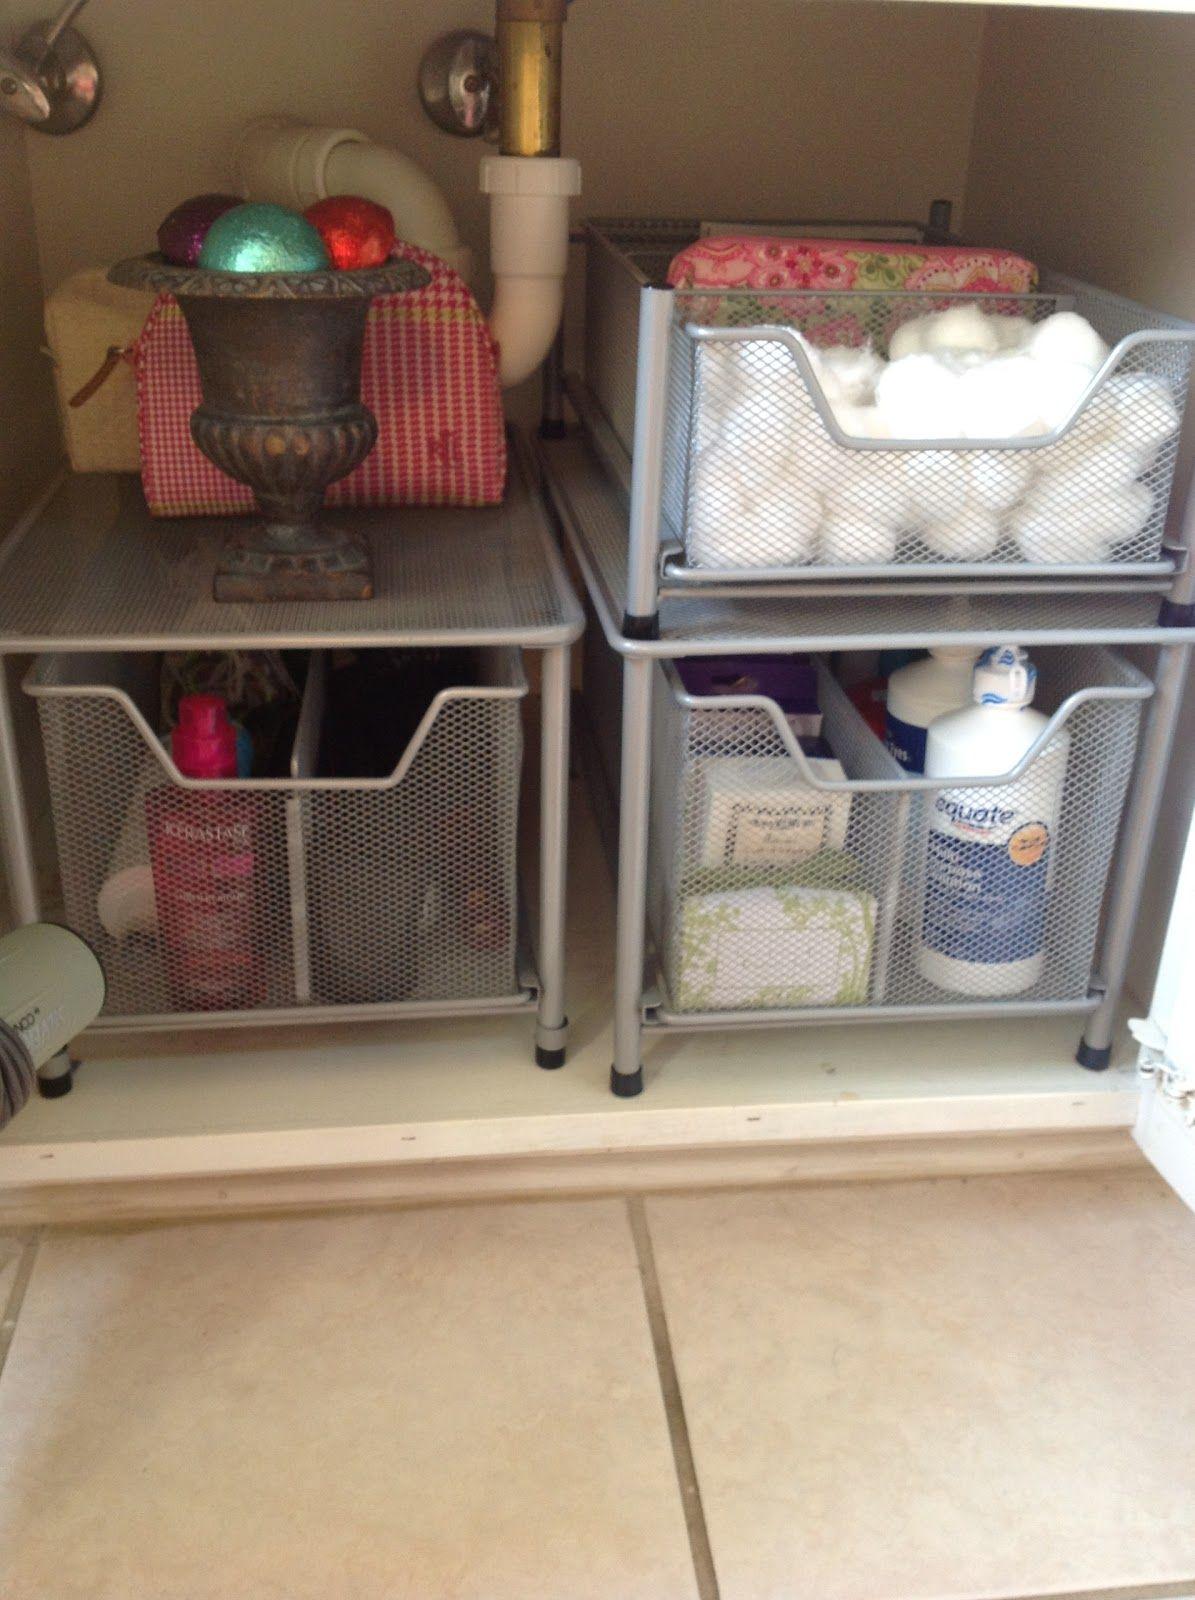 Get Organized And Add Under Sink Storage Systems That Actually Work Undersinkstorage Undersinks Dorm Room Storage Bathroom Sink Storage Under Bathroom Sink [ 1600 x 1195 Pixel ]